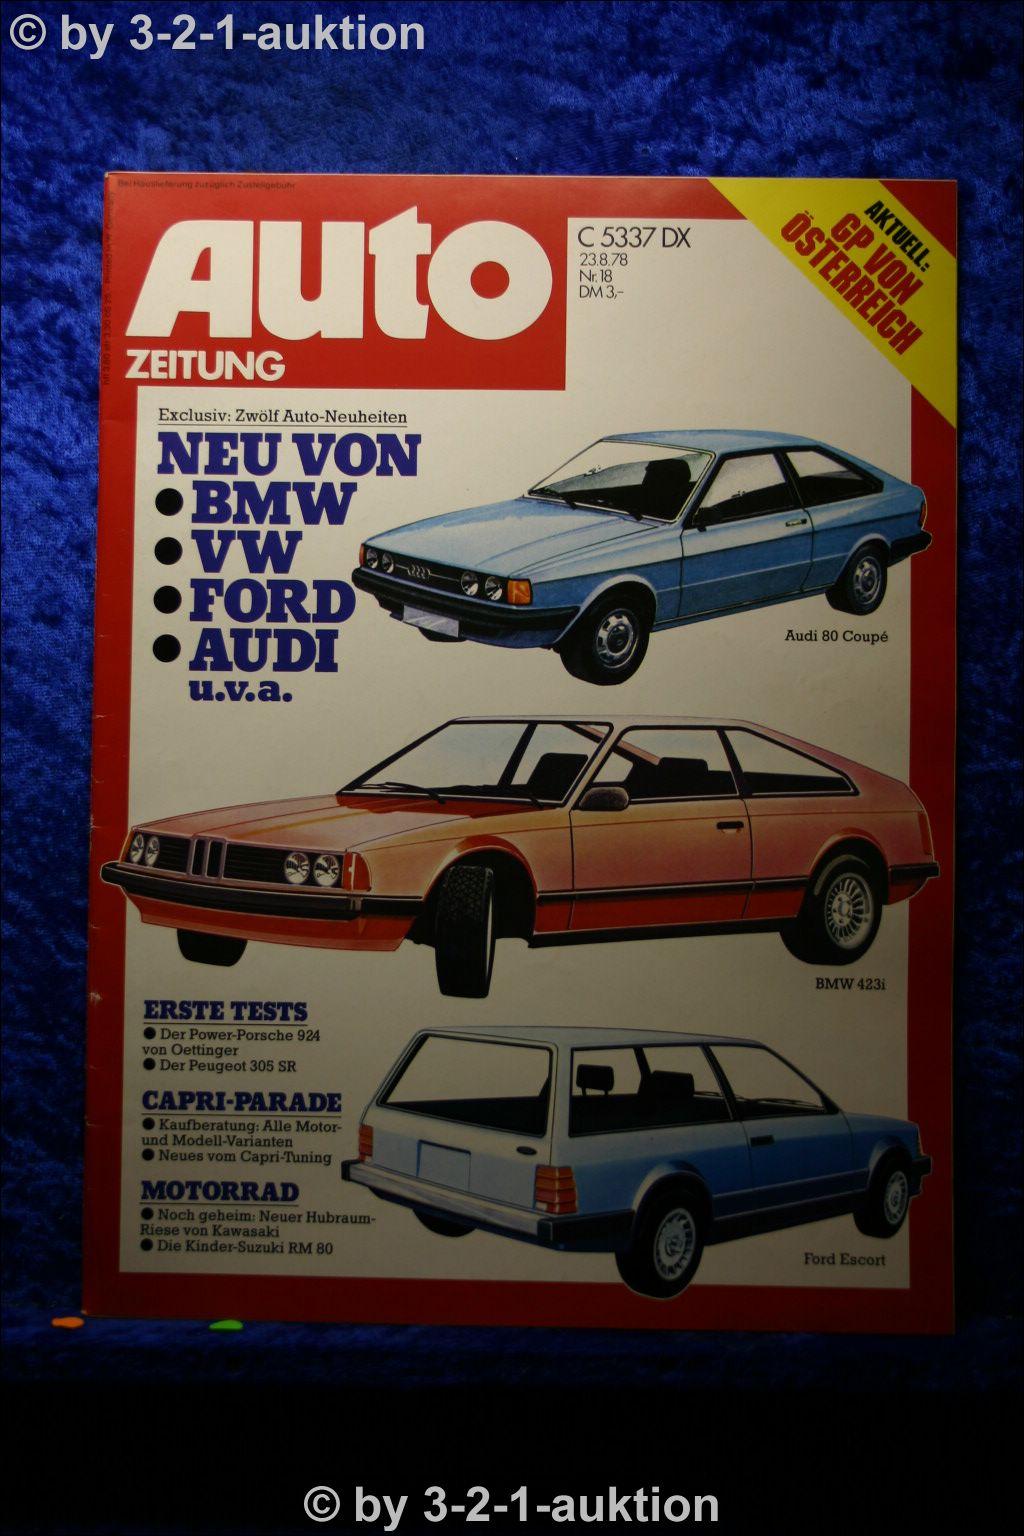 Car Newspaper 18 78 Oettinger Porsche 924 Ford Capri Tuning Peugeot 305 Sr Ebay